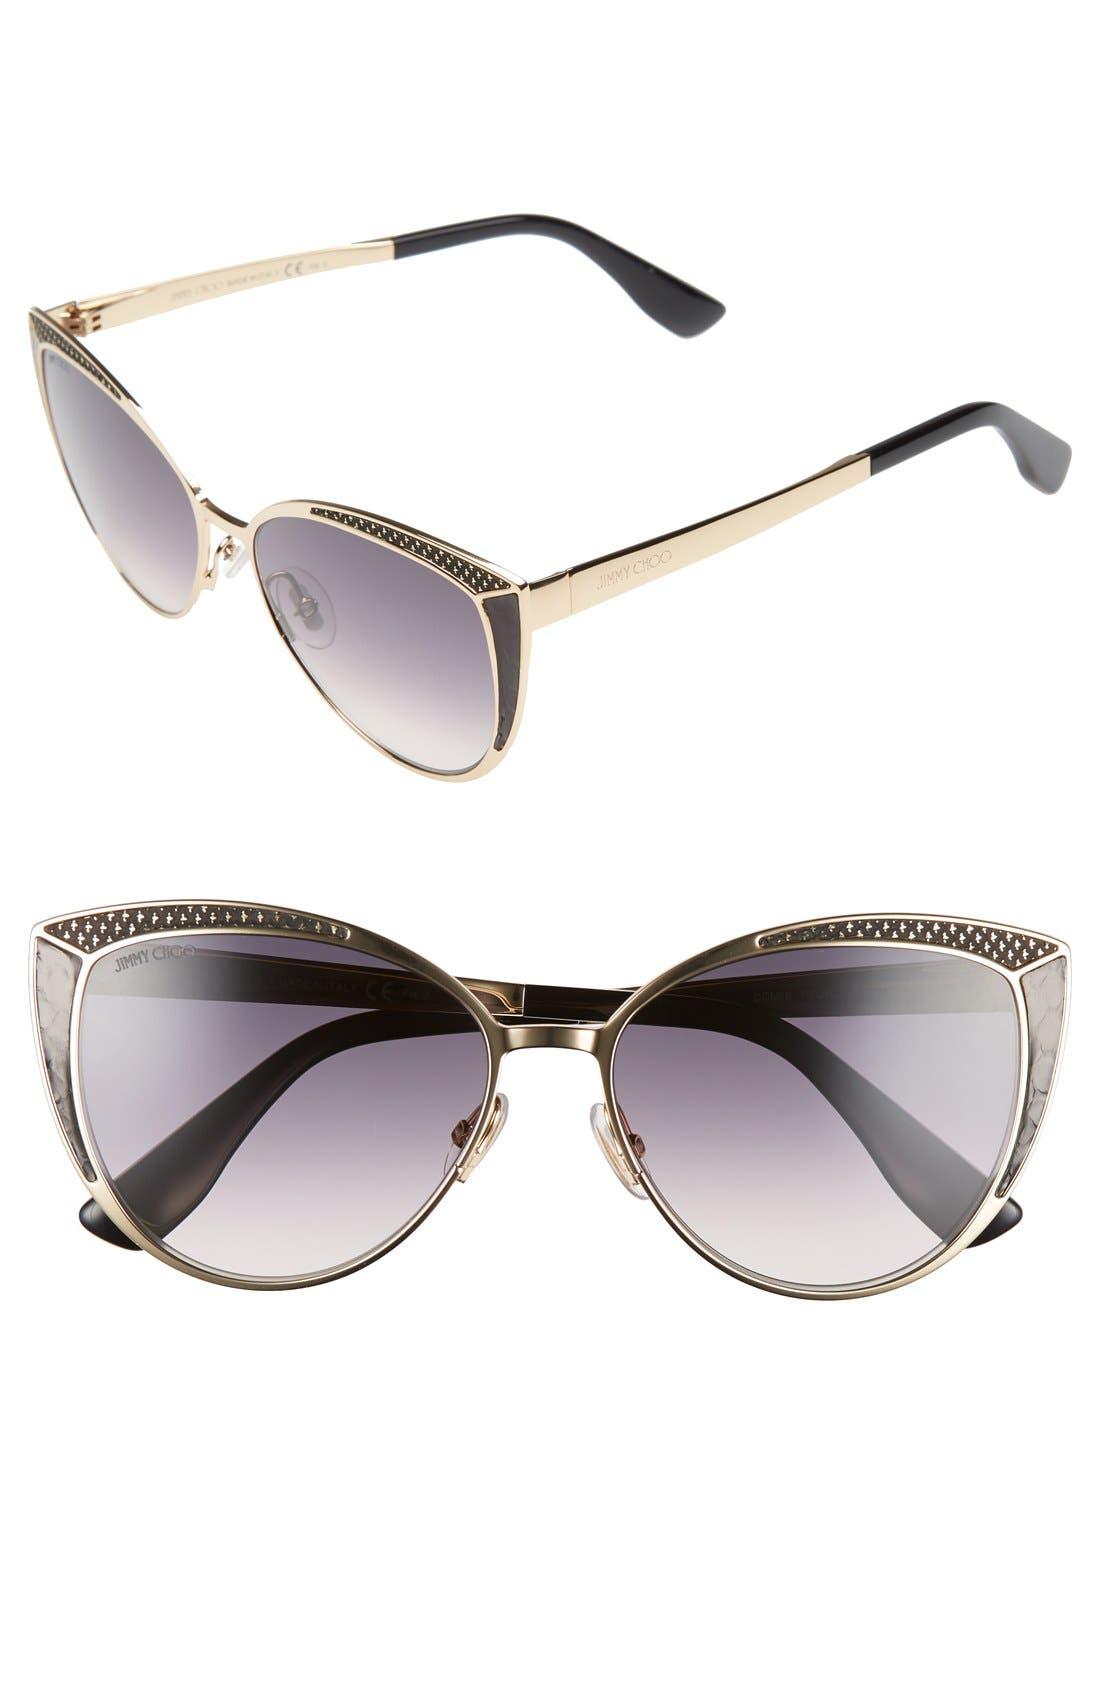 Jimmy Choo 56mm Cat Eye Sunglasses